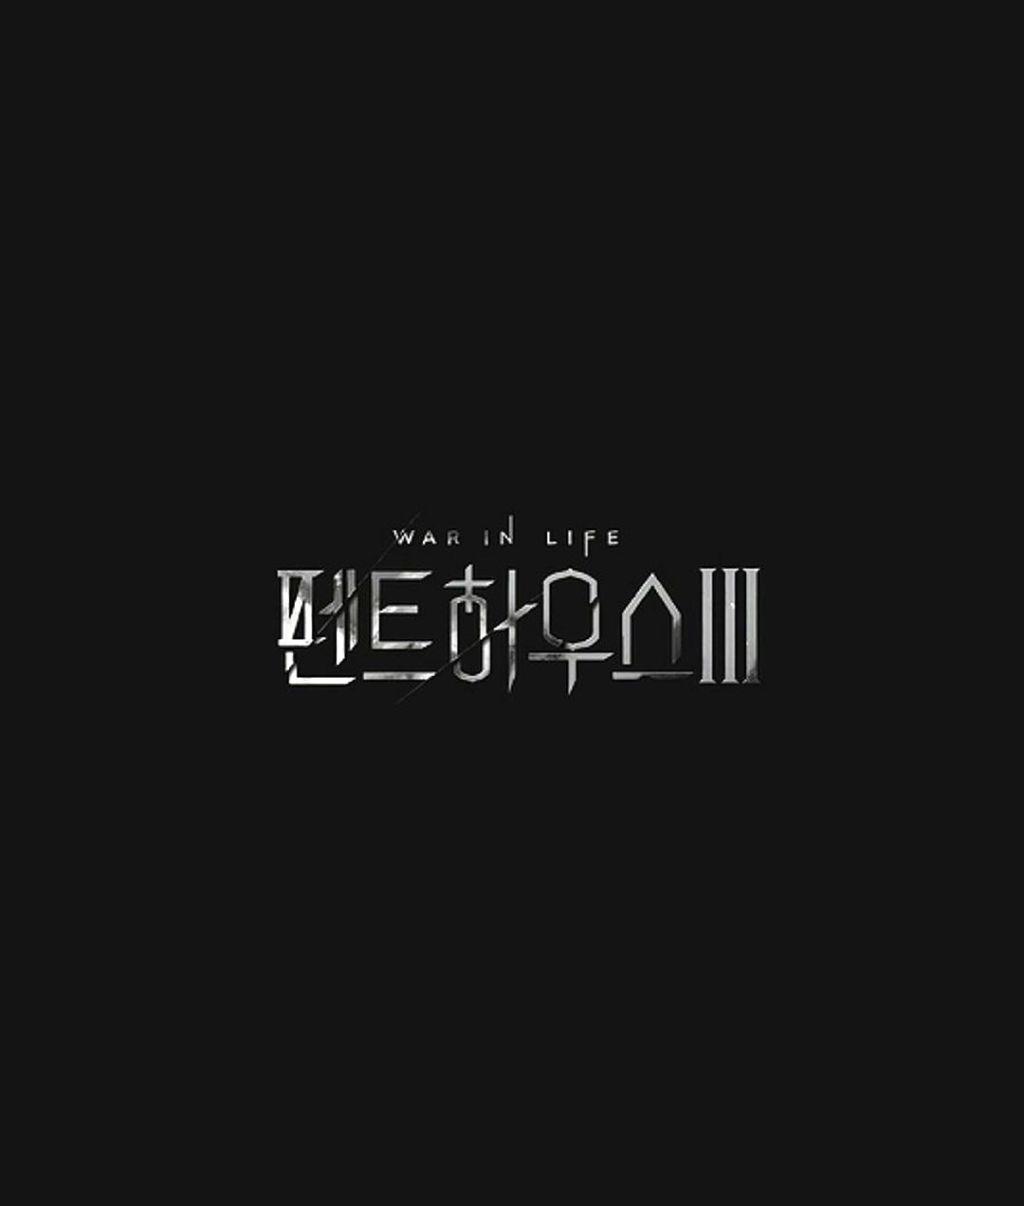 Sinopsis Dan Profil Lengkap Pemeran K-Drama Upcoming The Penthouse 3: War in Life (2021)